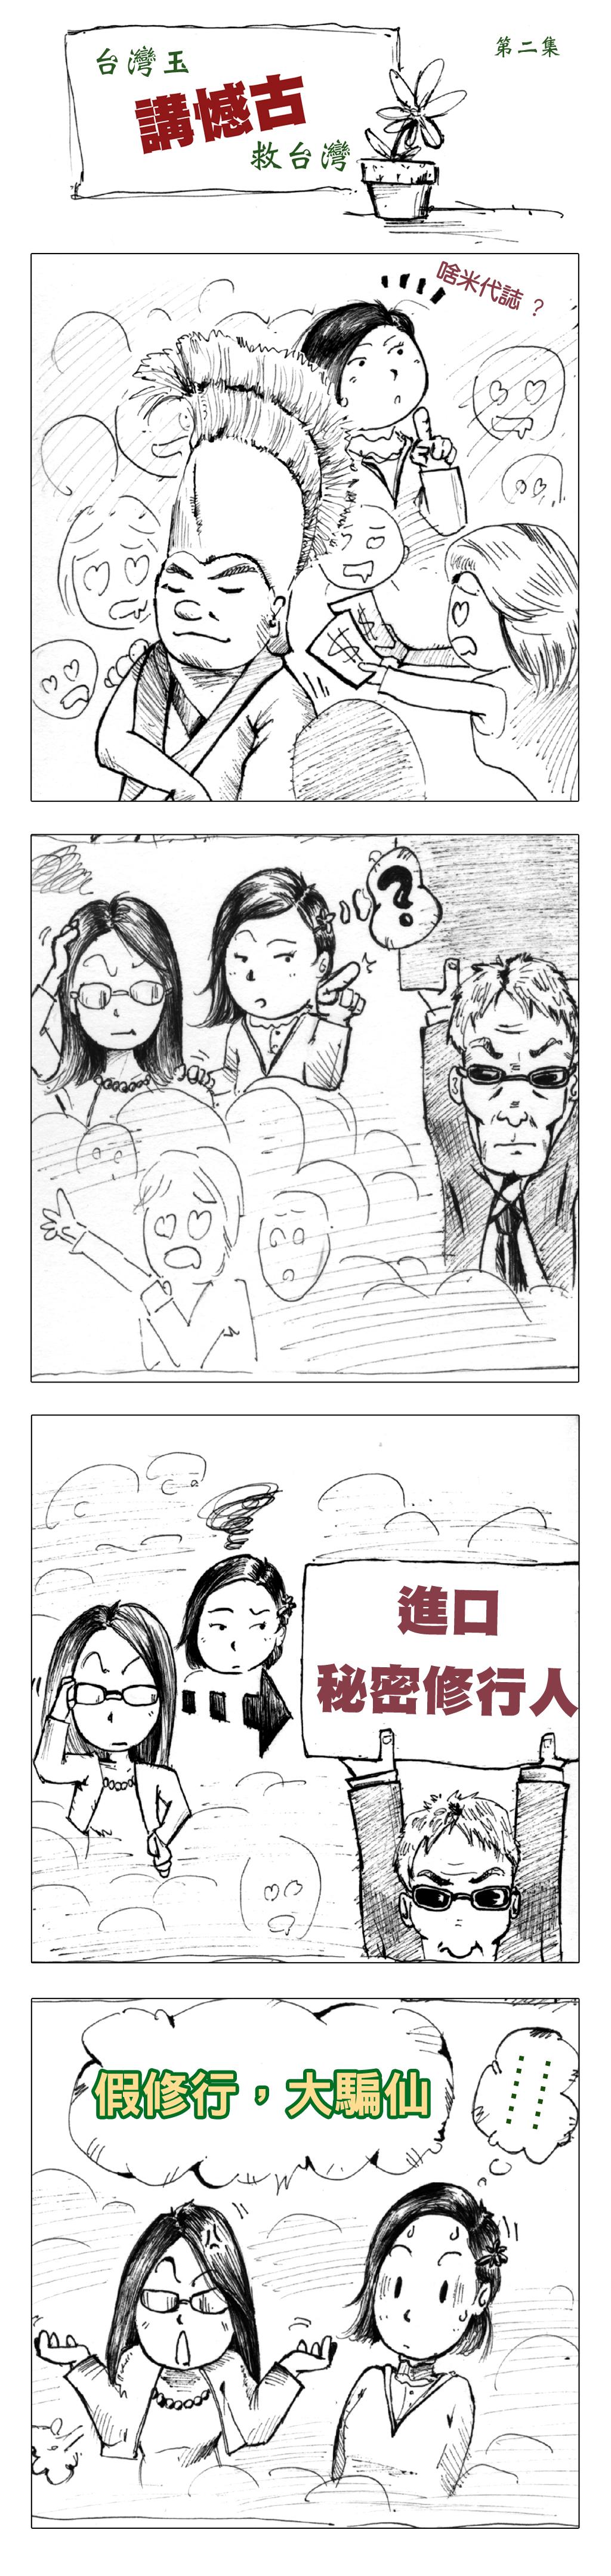 漫畫_第二集